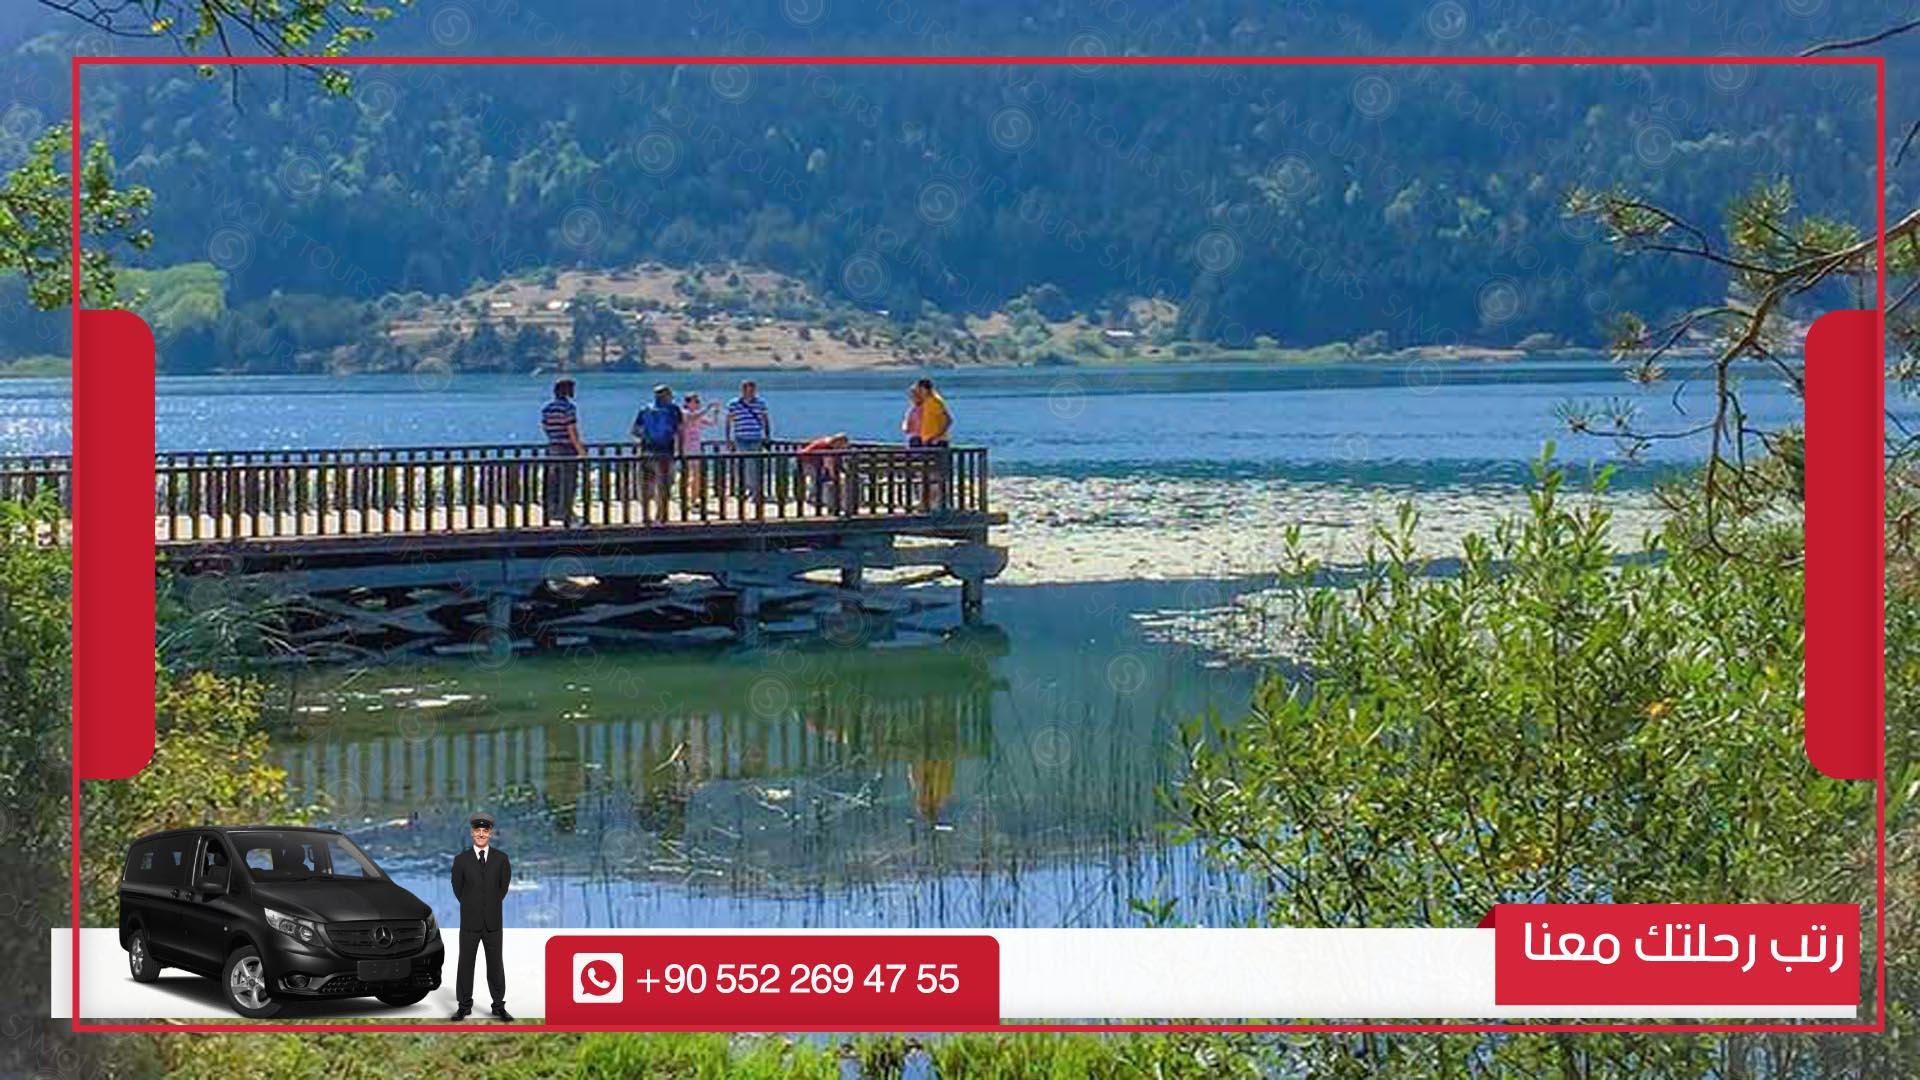 جولة بحيرة أبانت